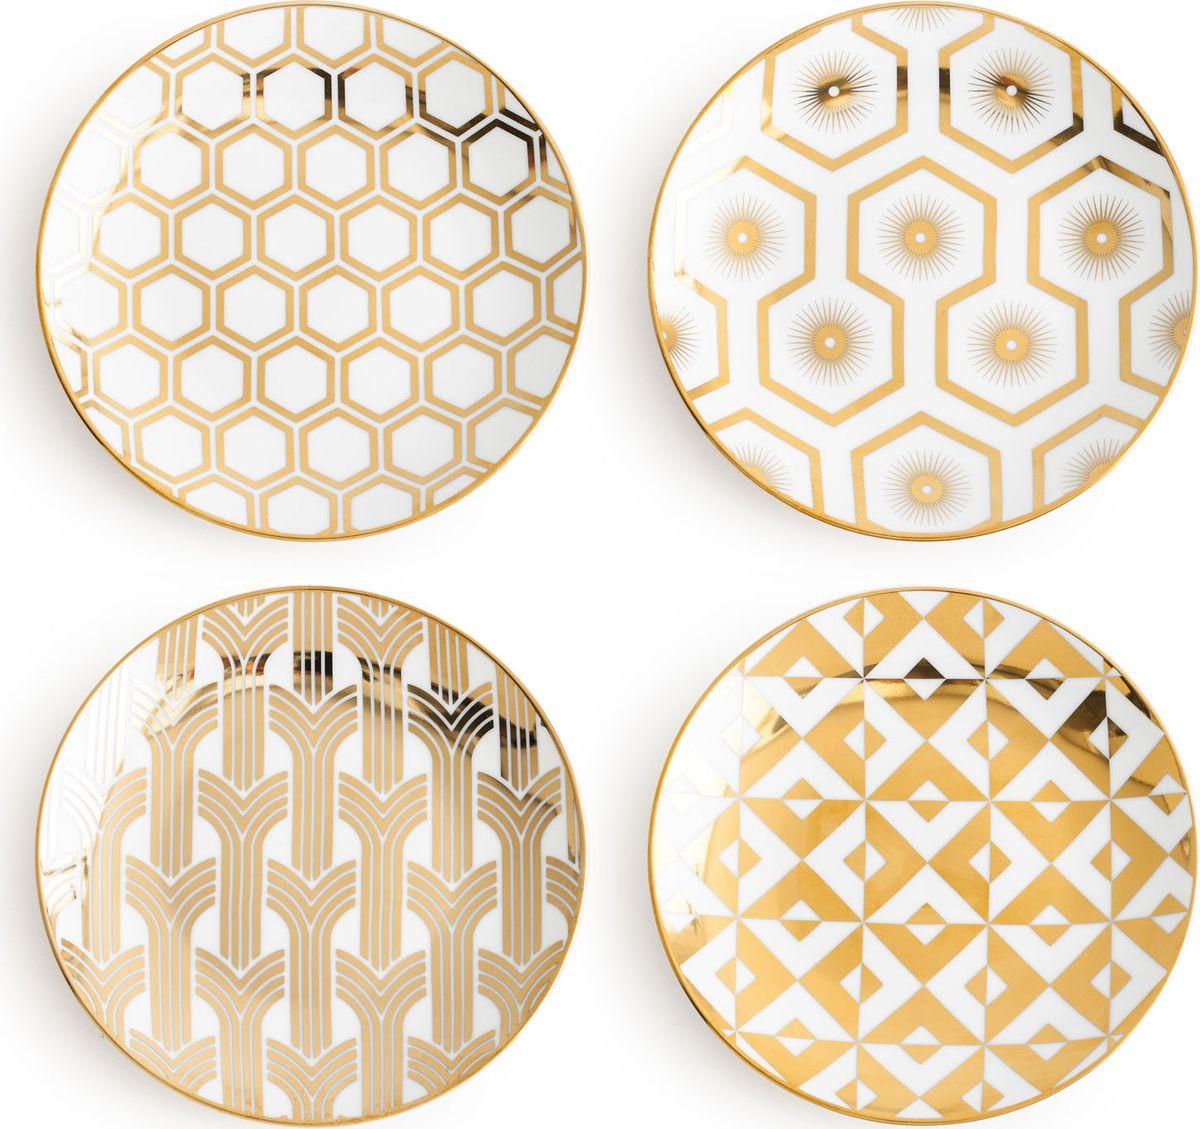 Набор тарелок Rosanna Jazz Age, 4 шт. 968530910012Набор Rosanna Jazz Age состоит из четырех тарелок, оформленных ярким, оригинальнымгеометрическим принтом. Изделия, изготовленные из высококачественного фарфора, с внешнейстороны выполнены с глазурованным покрытием. Такой набор будет отличным подарком, атакже порадует вас за столом.